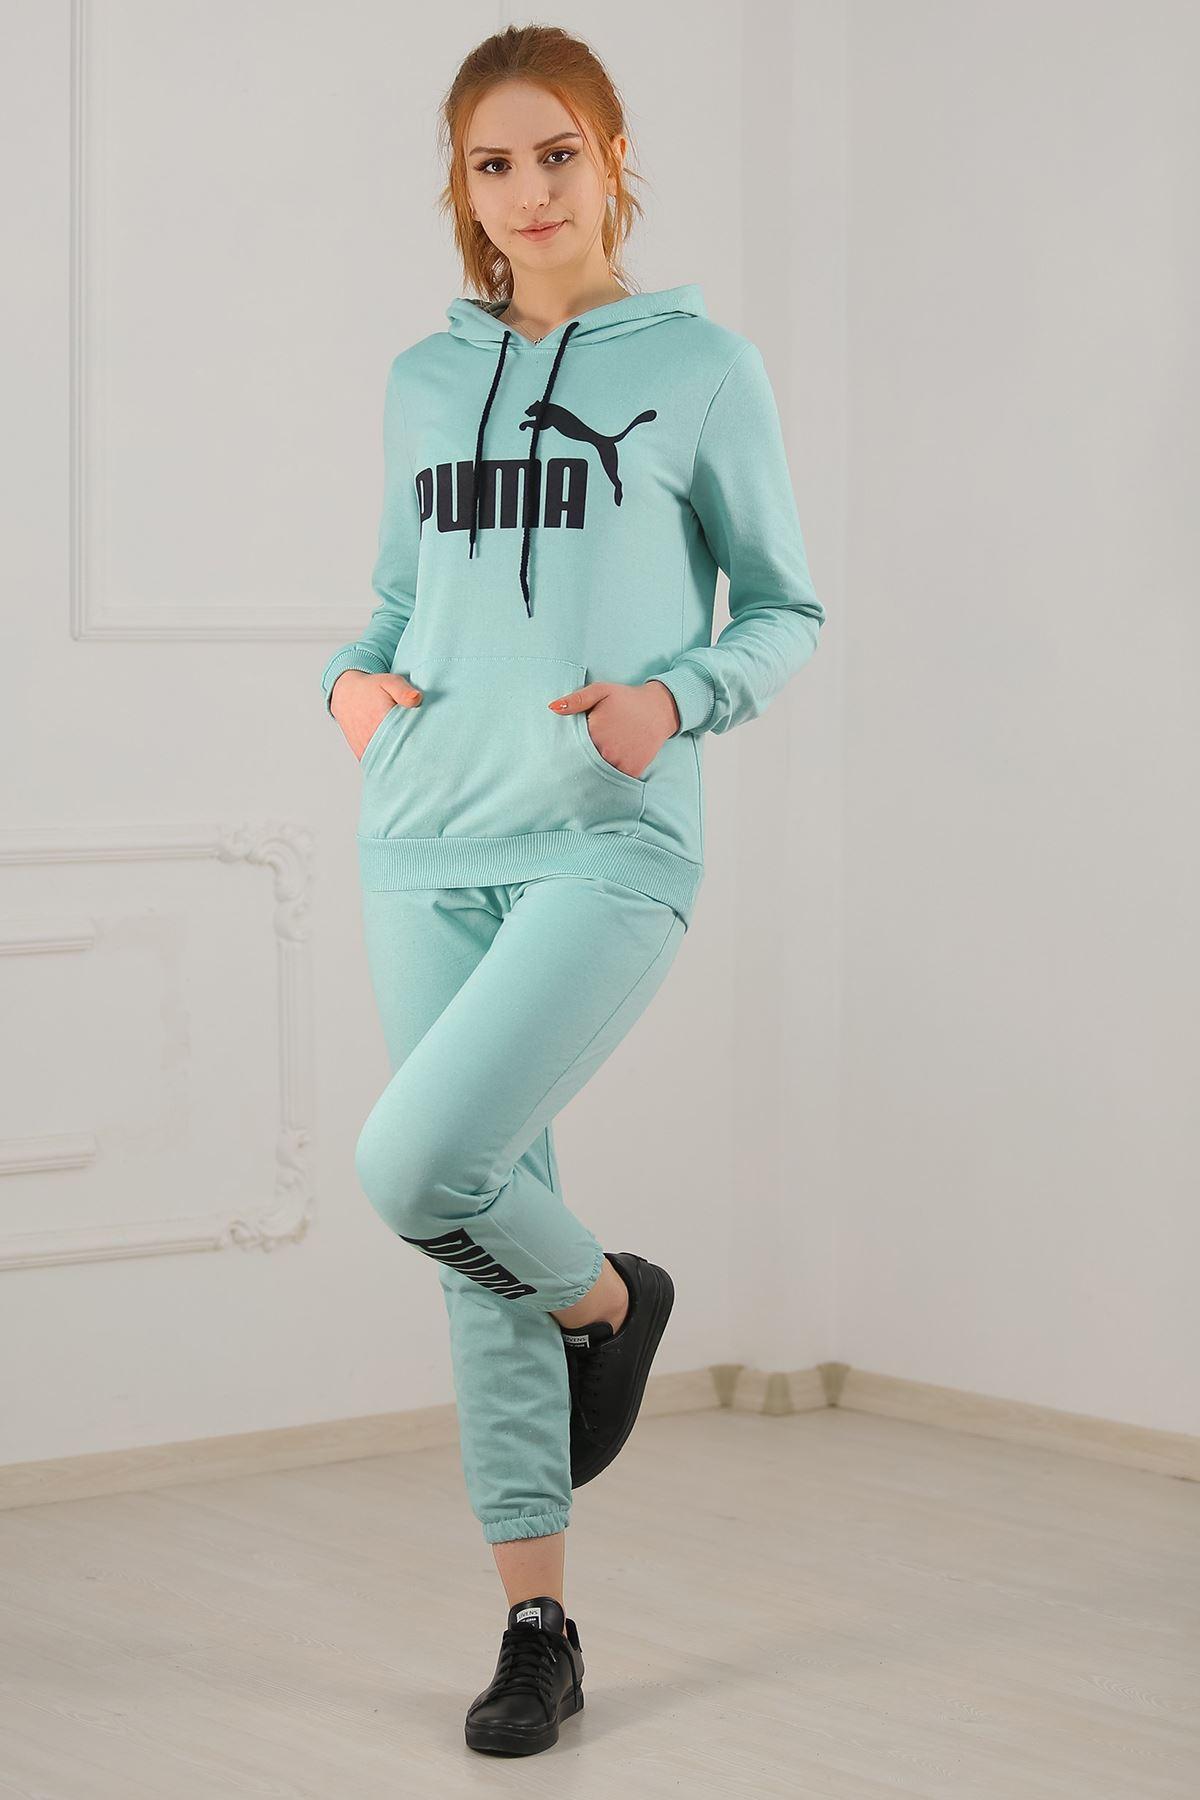 Kadın Eşofman Takımı Mint - 21010.1059.